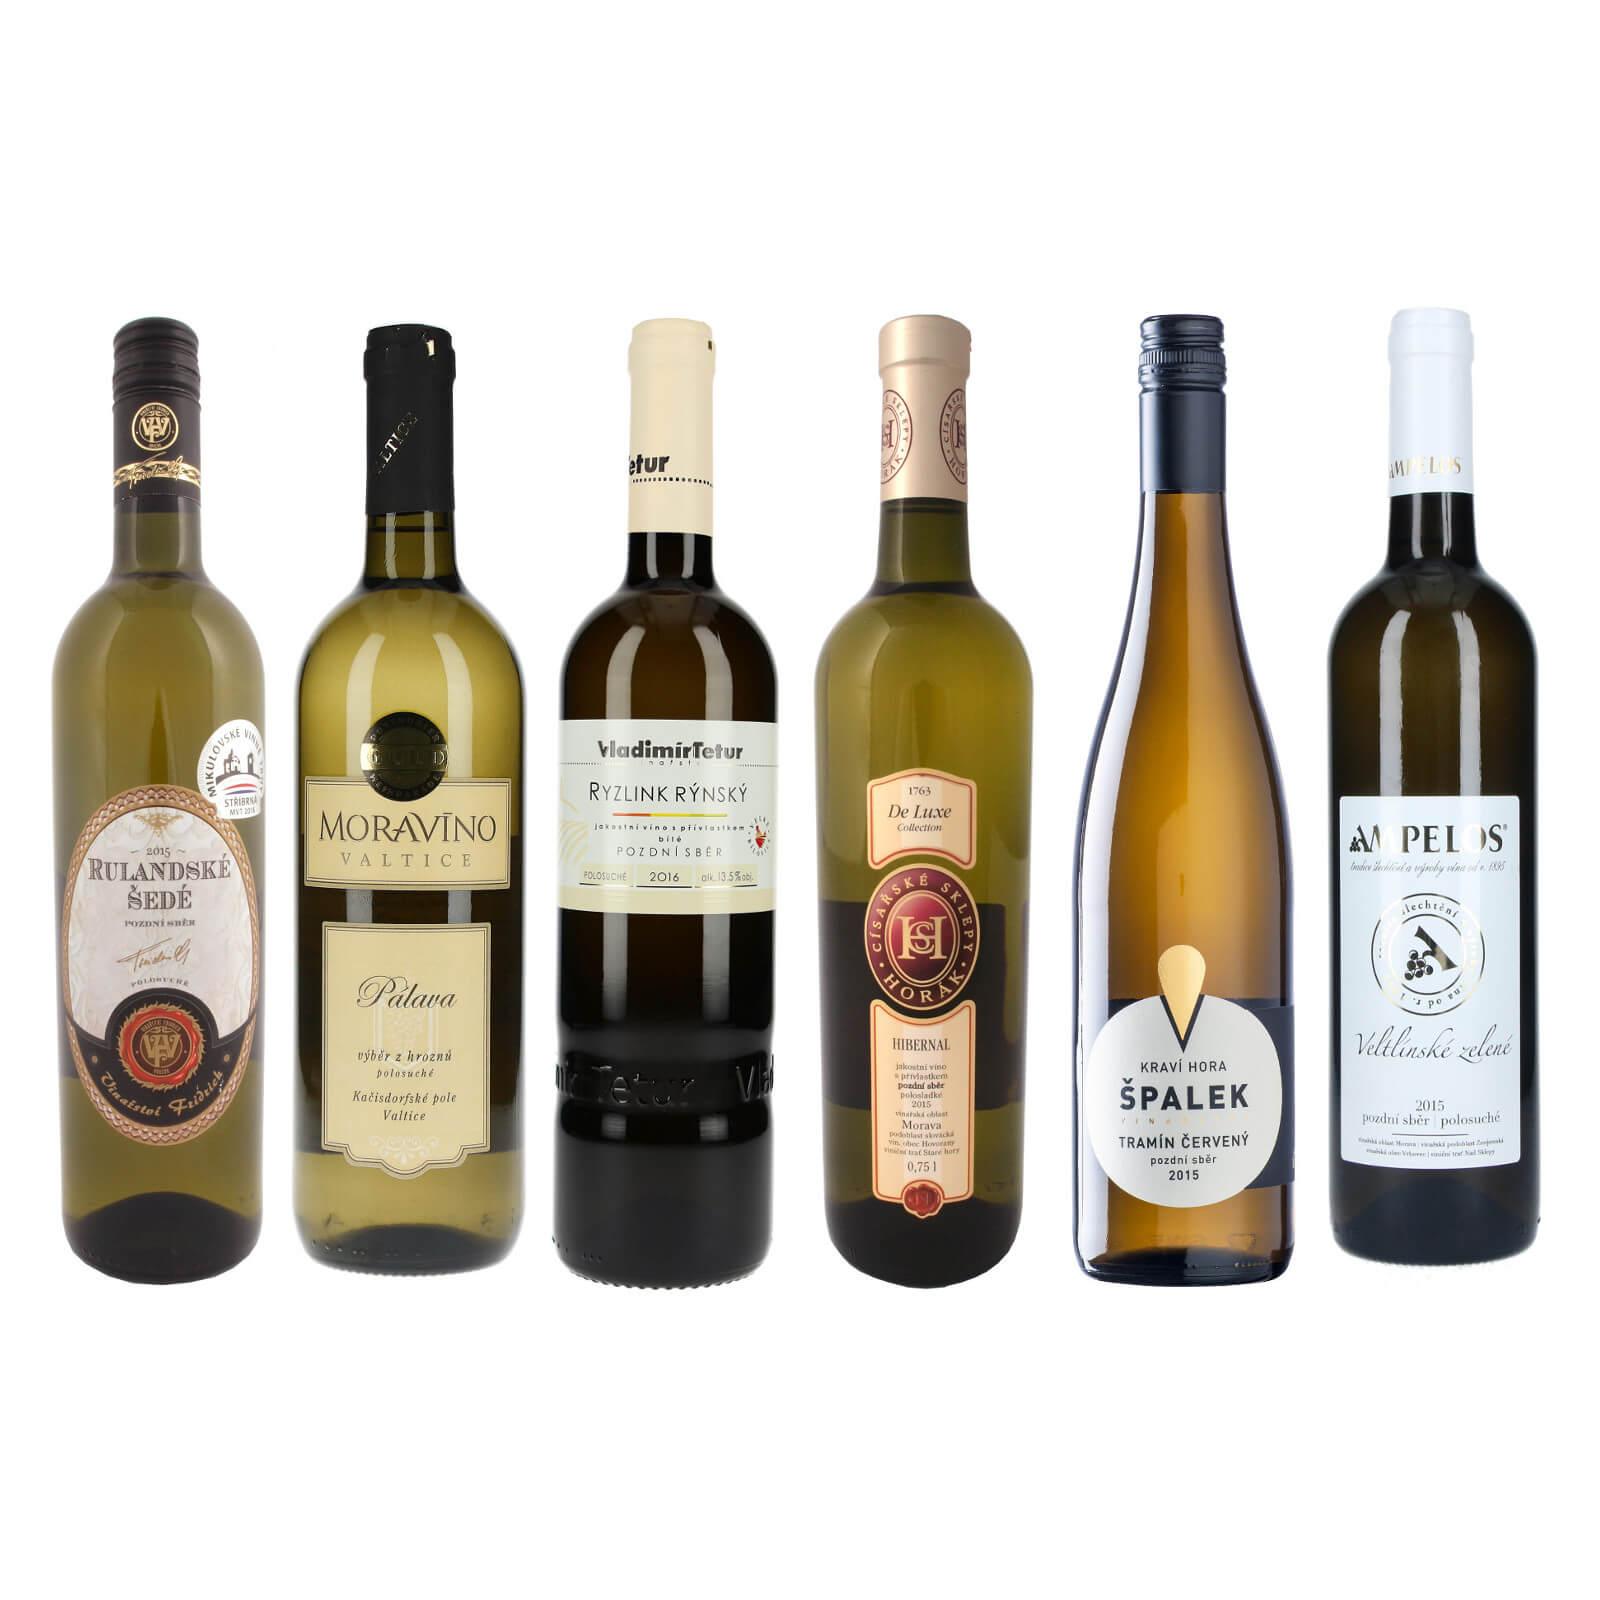 Kolekce sladších bílých vín - dobrý poměr cena/výkon